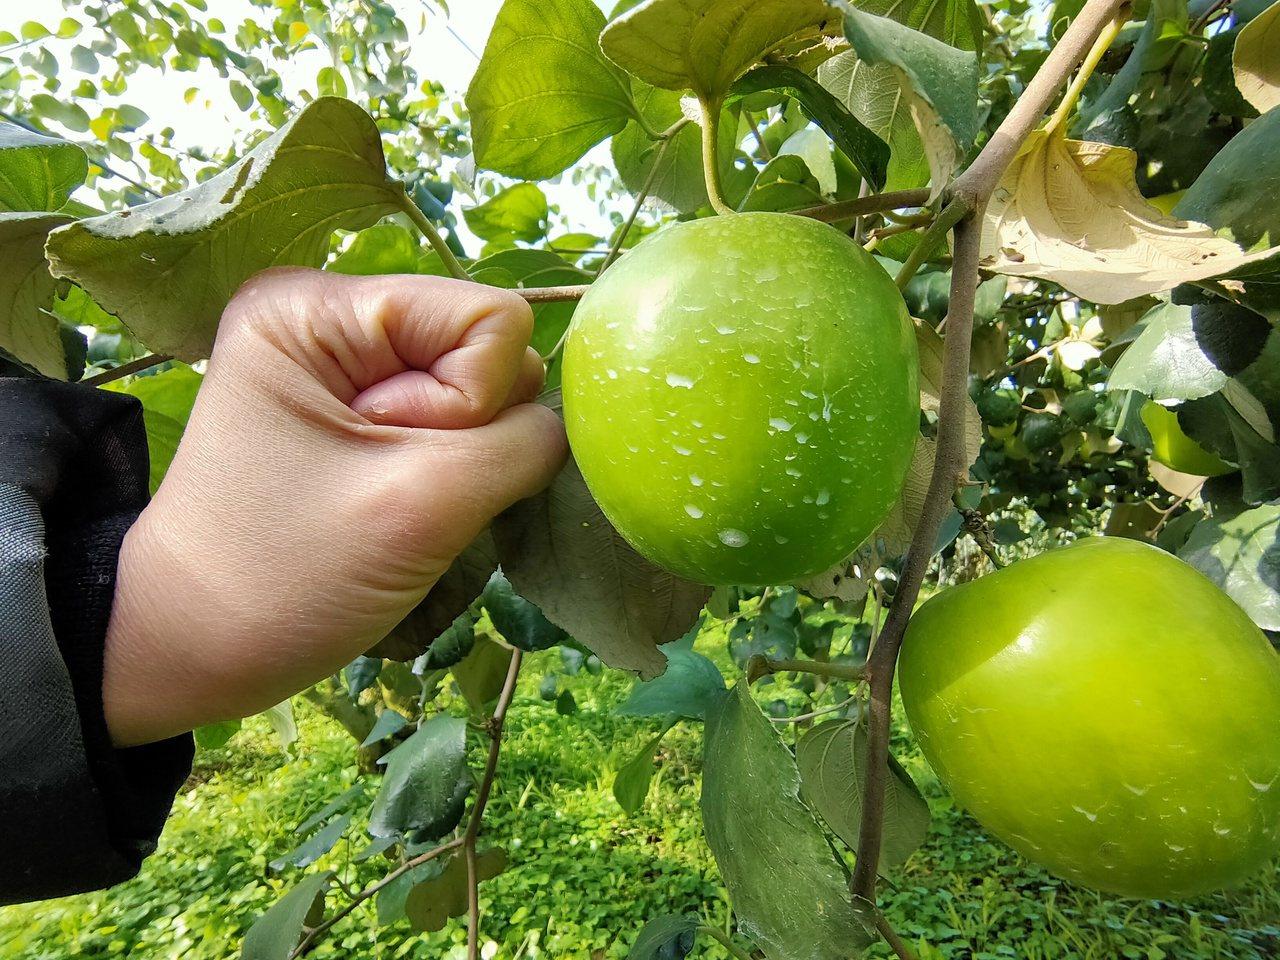 南投縣國姓鄉蜜棗果實大如青蘋果(果上白粉為防蟲的天然矽藻土)。 圖/賴香珊 攝影